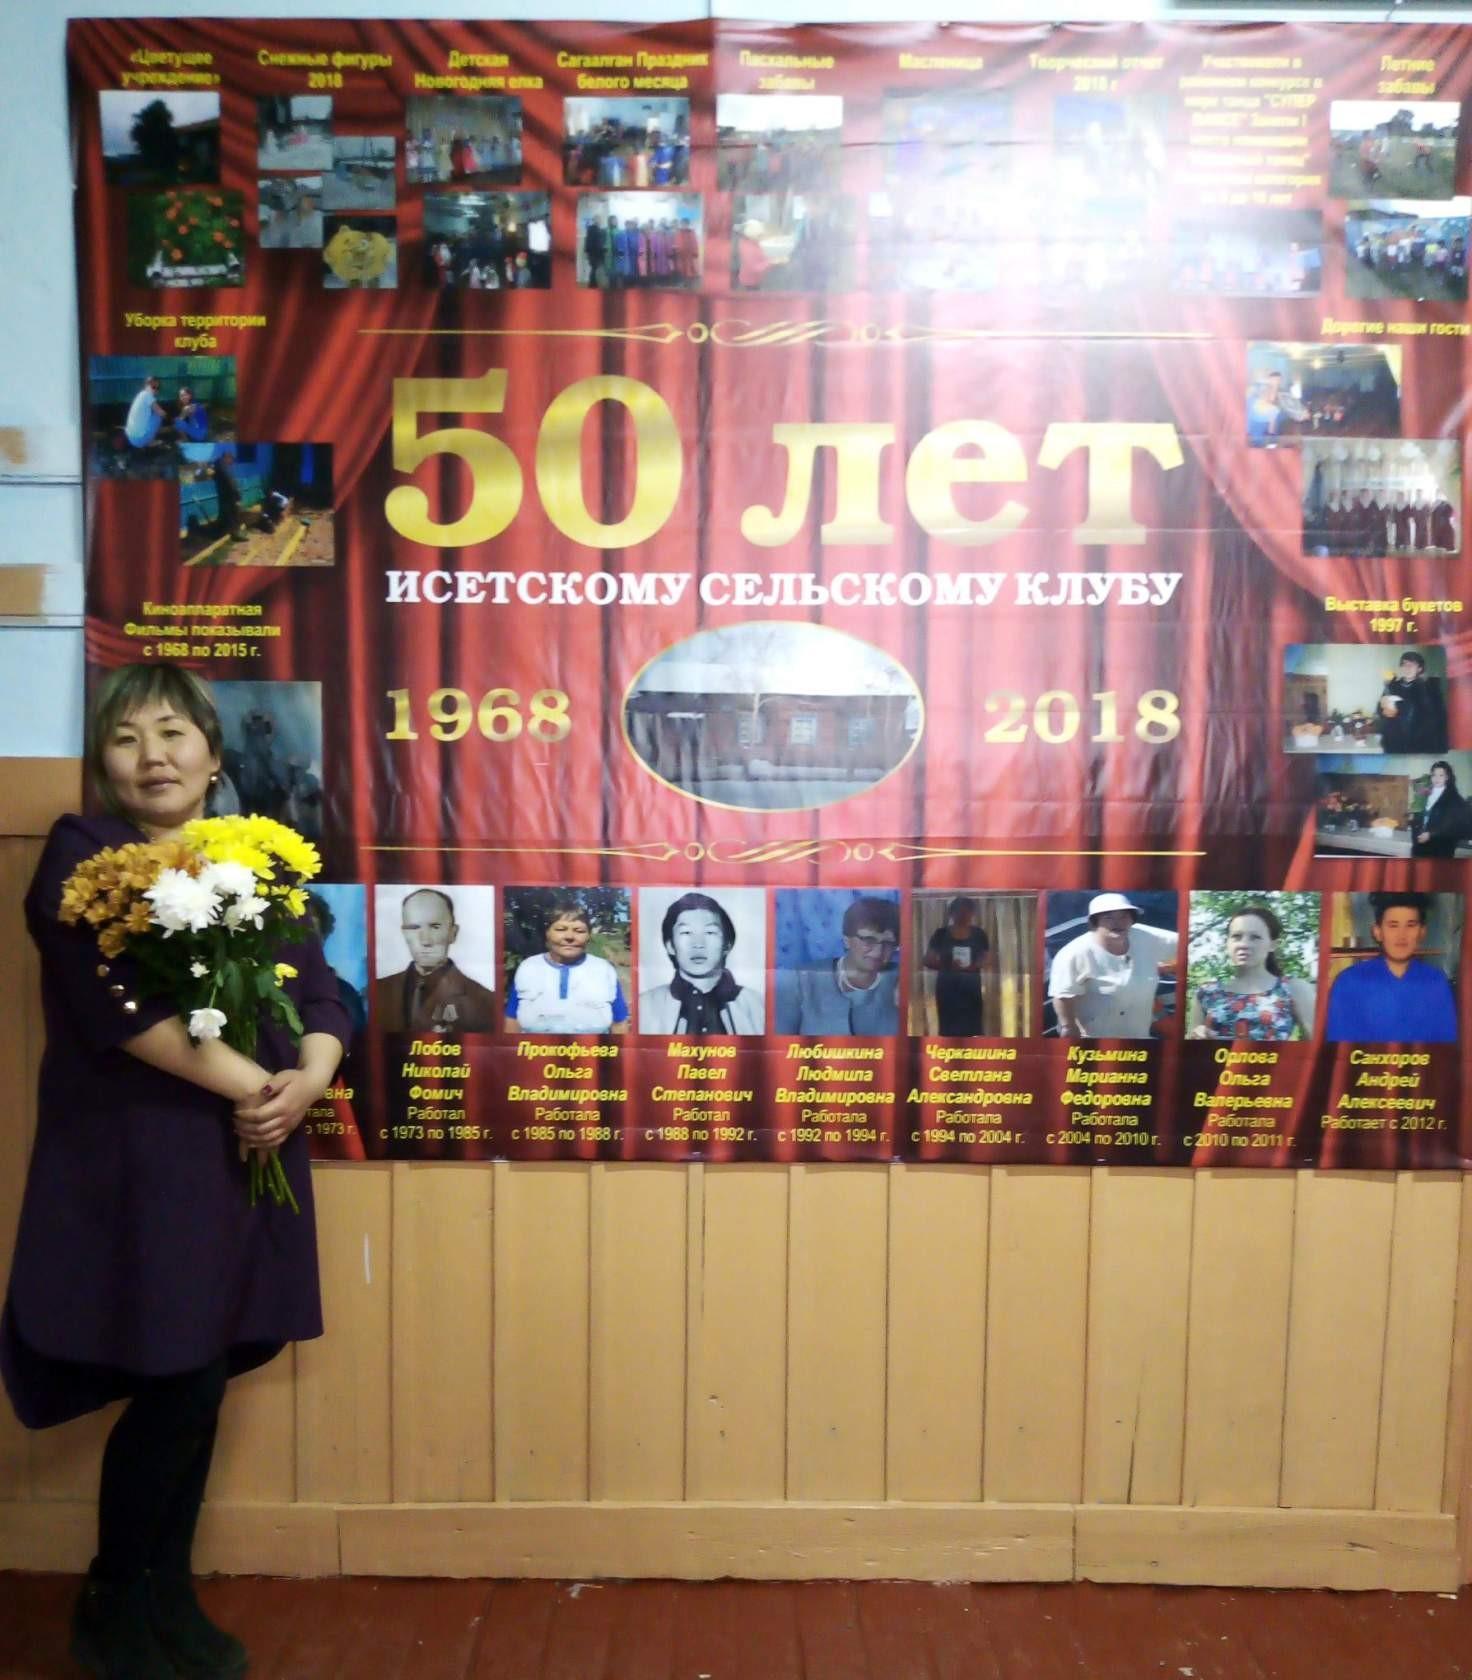 3 ноября,  состоялось праздничное мероприятие, посвященное 50-летию со дня открытия здания Исетского сельского клуба